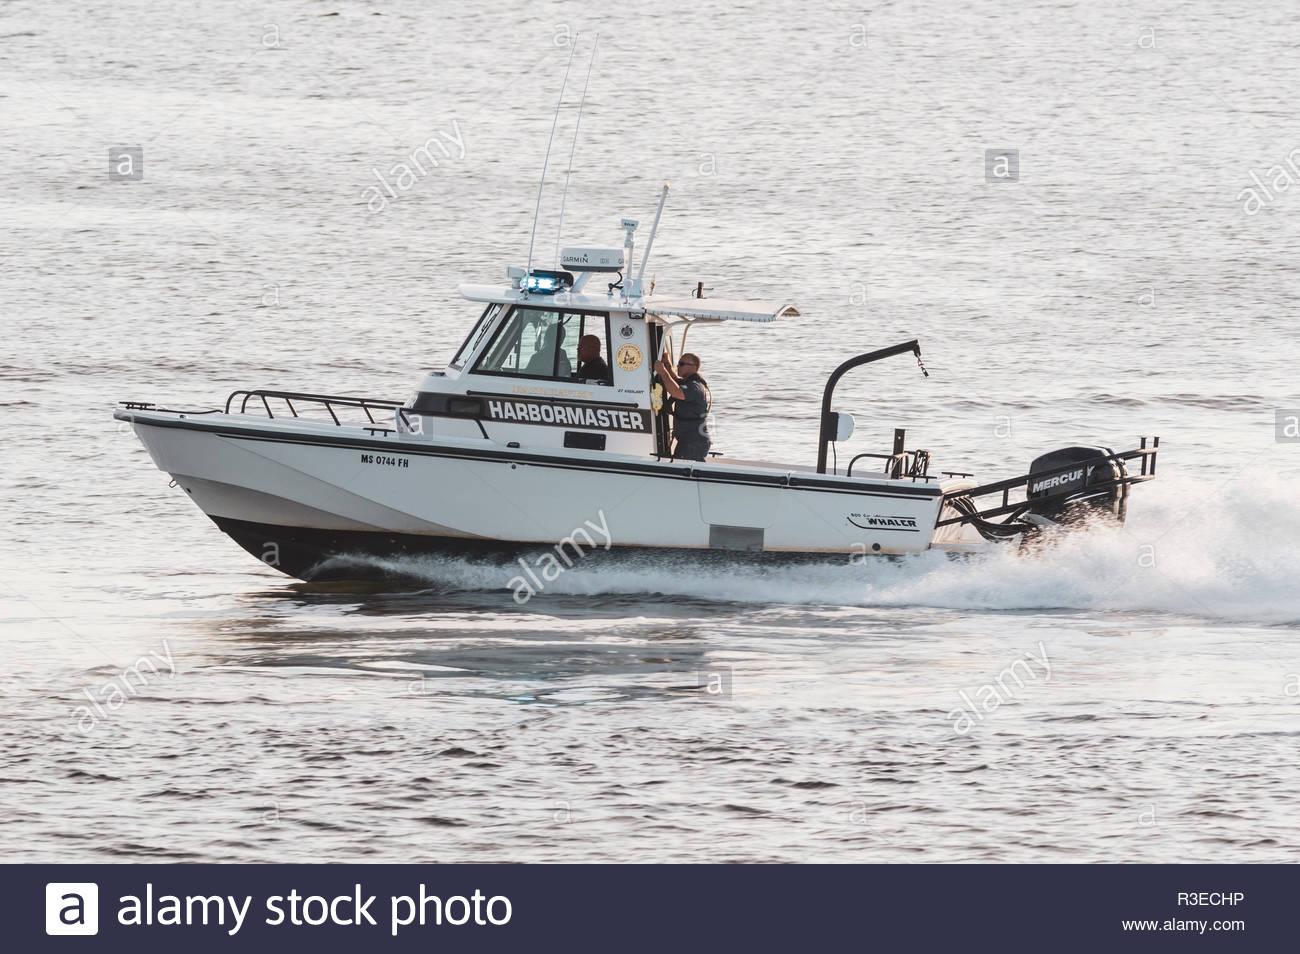 Fairhaven, Massachusetts, USA - August 31, 2018: Fairhaven harbormaster patrol boat heading toward Buzzards Bay - Stock Image